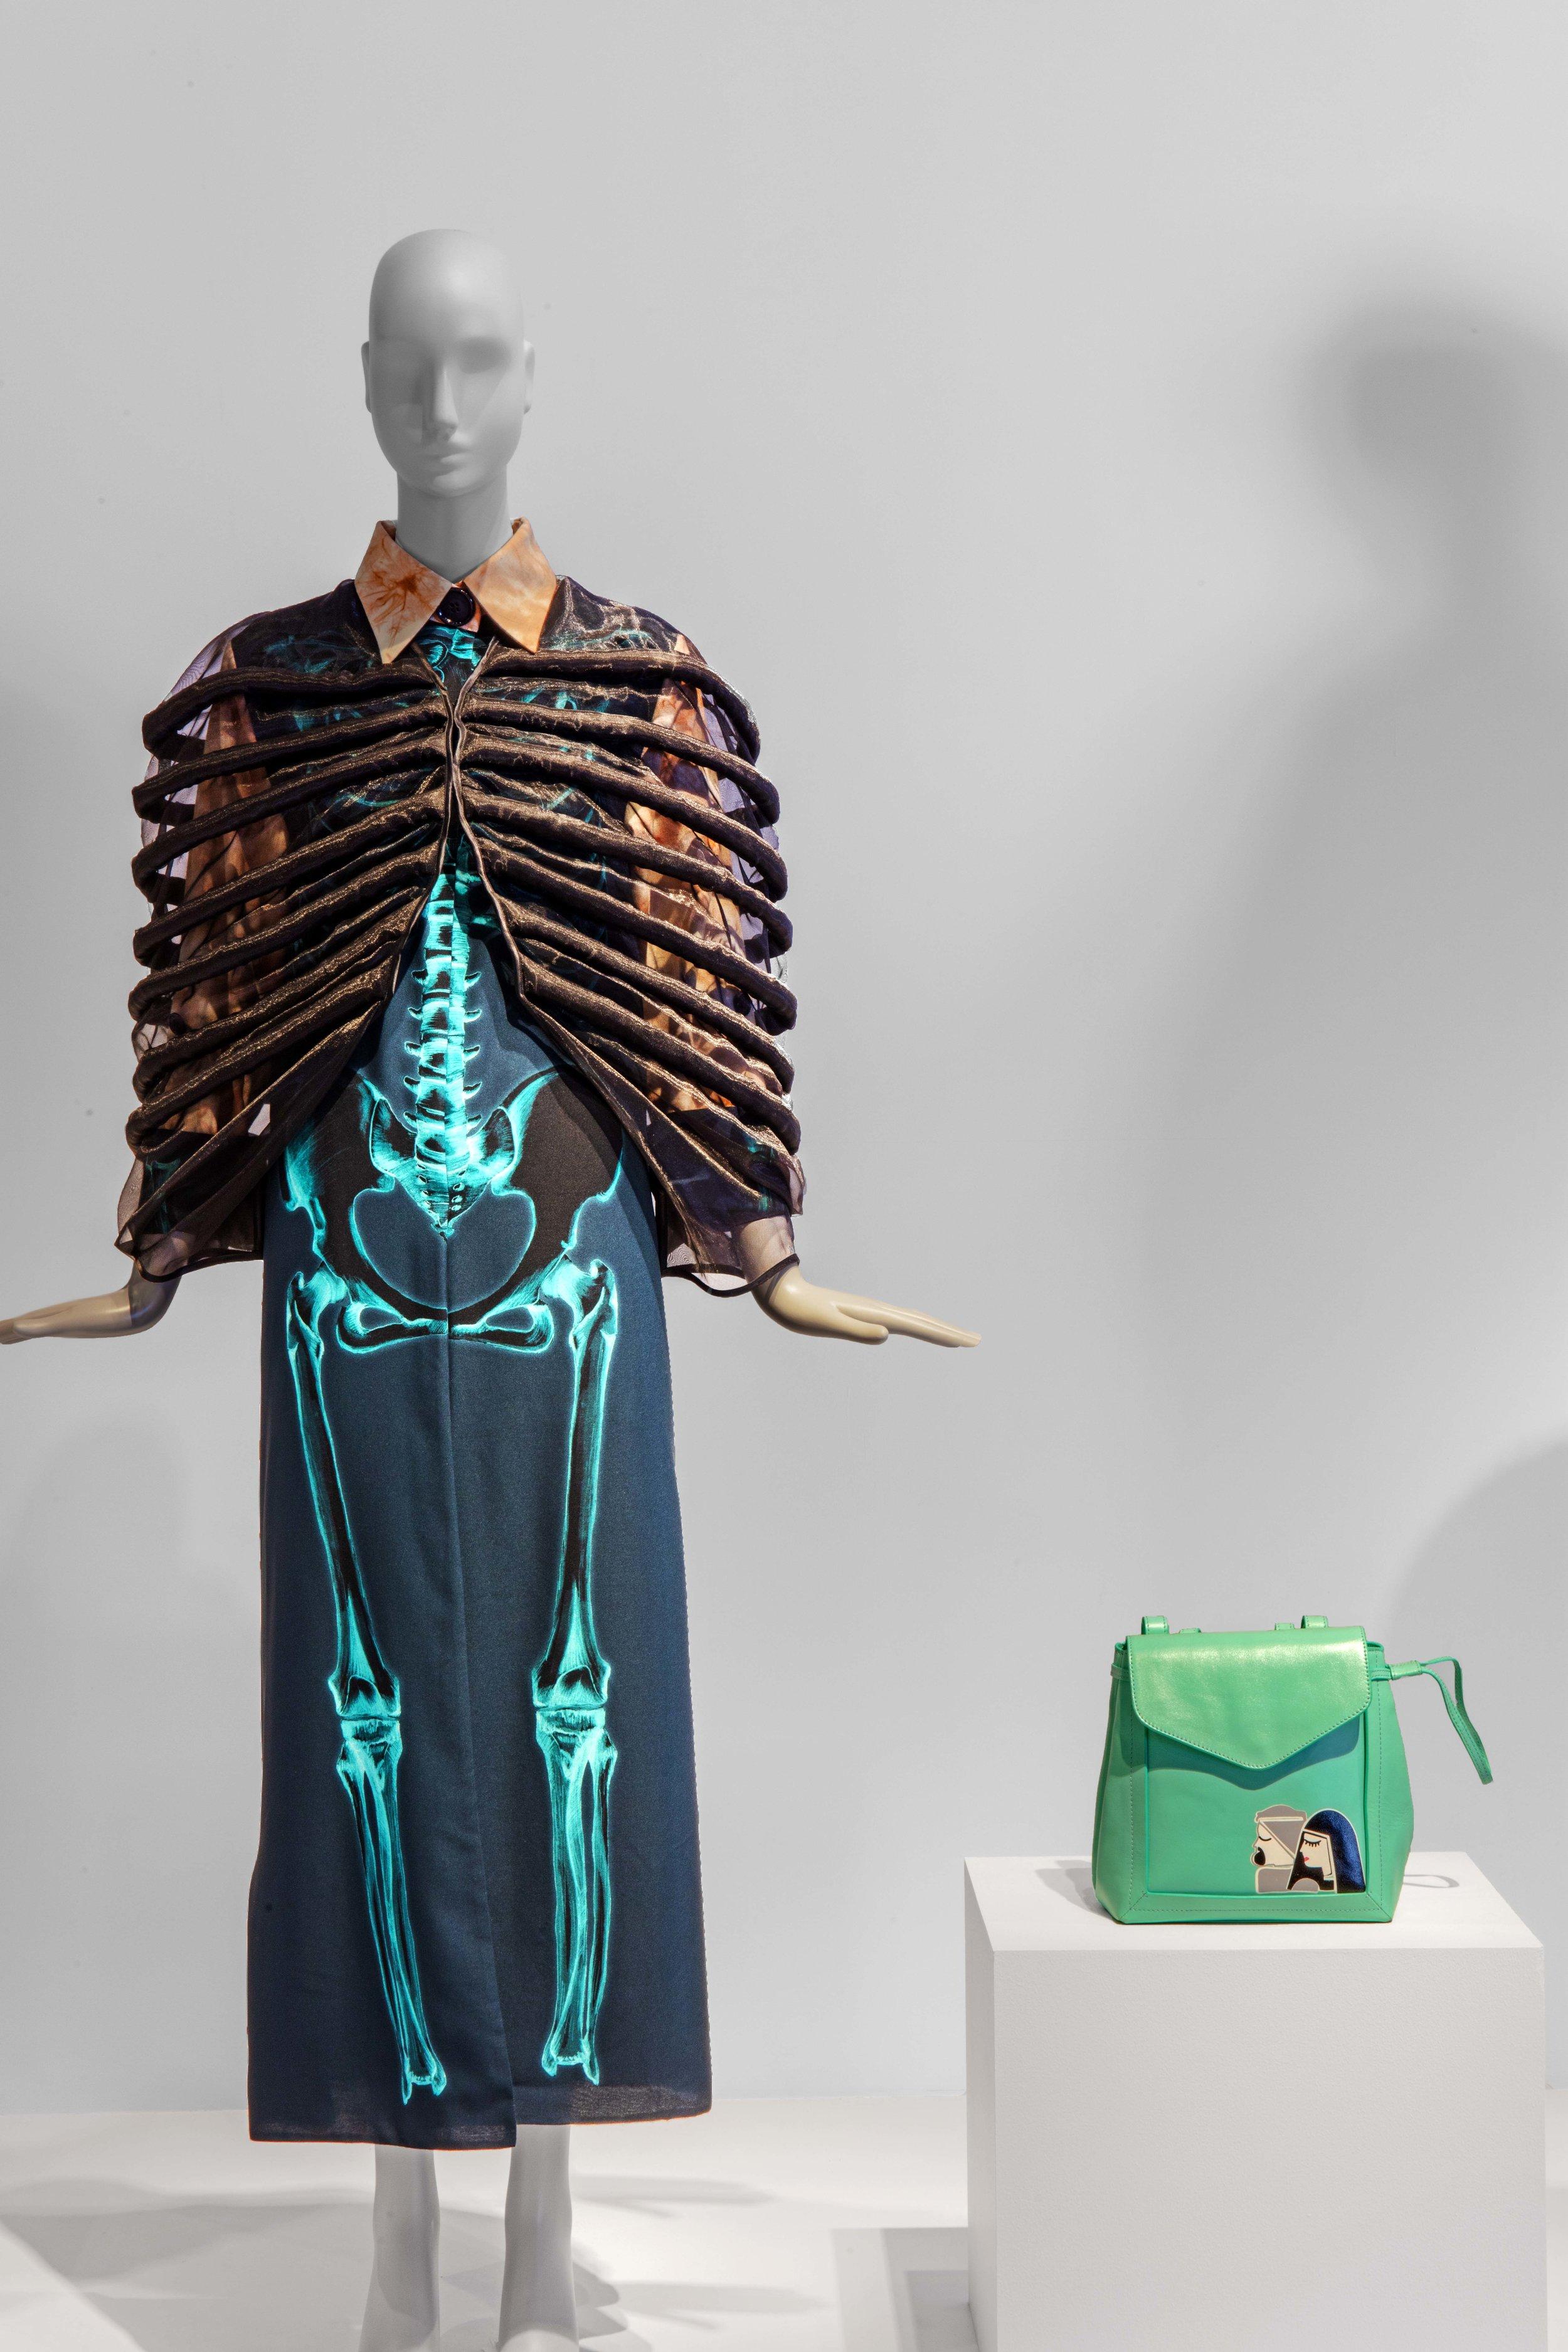 Contemporary Muslim Fashions Exhibit SF 2018 (48).jpg